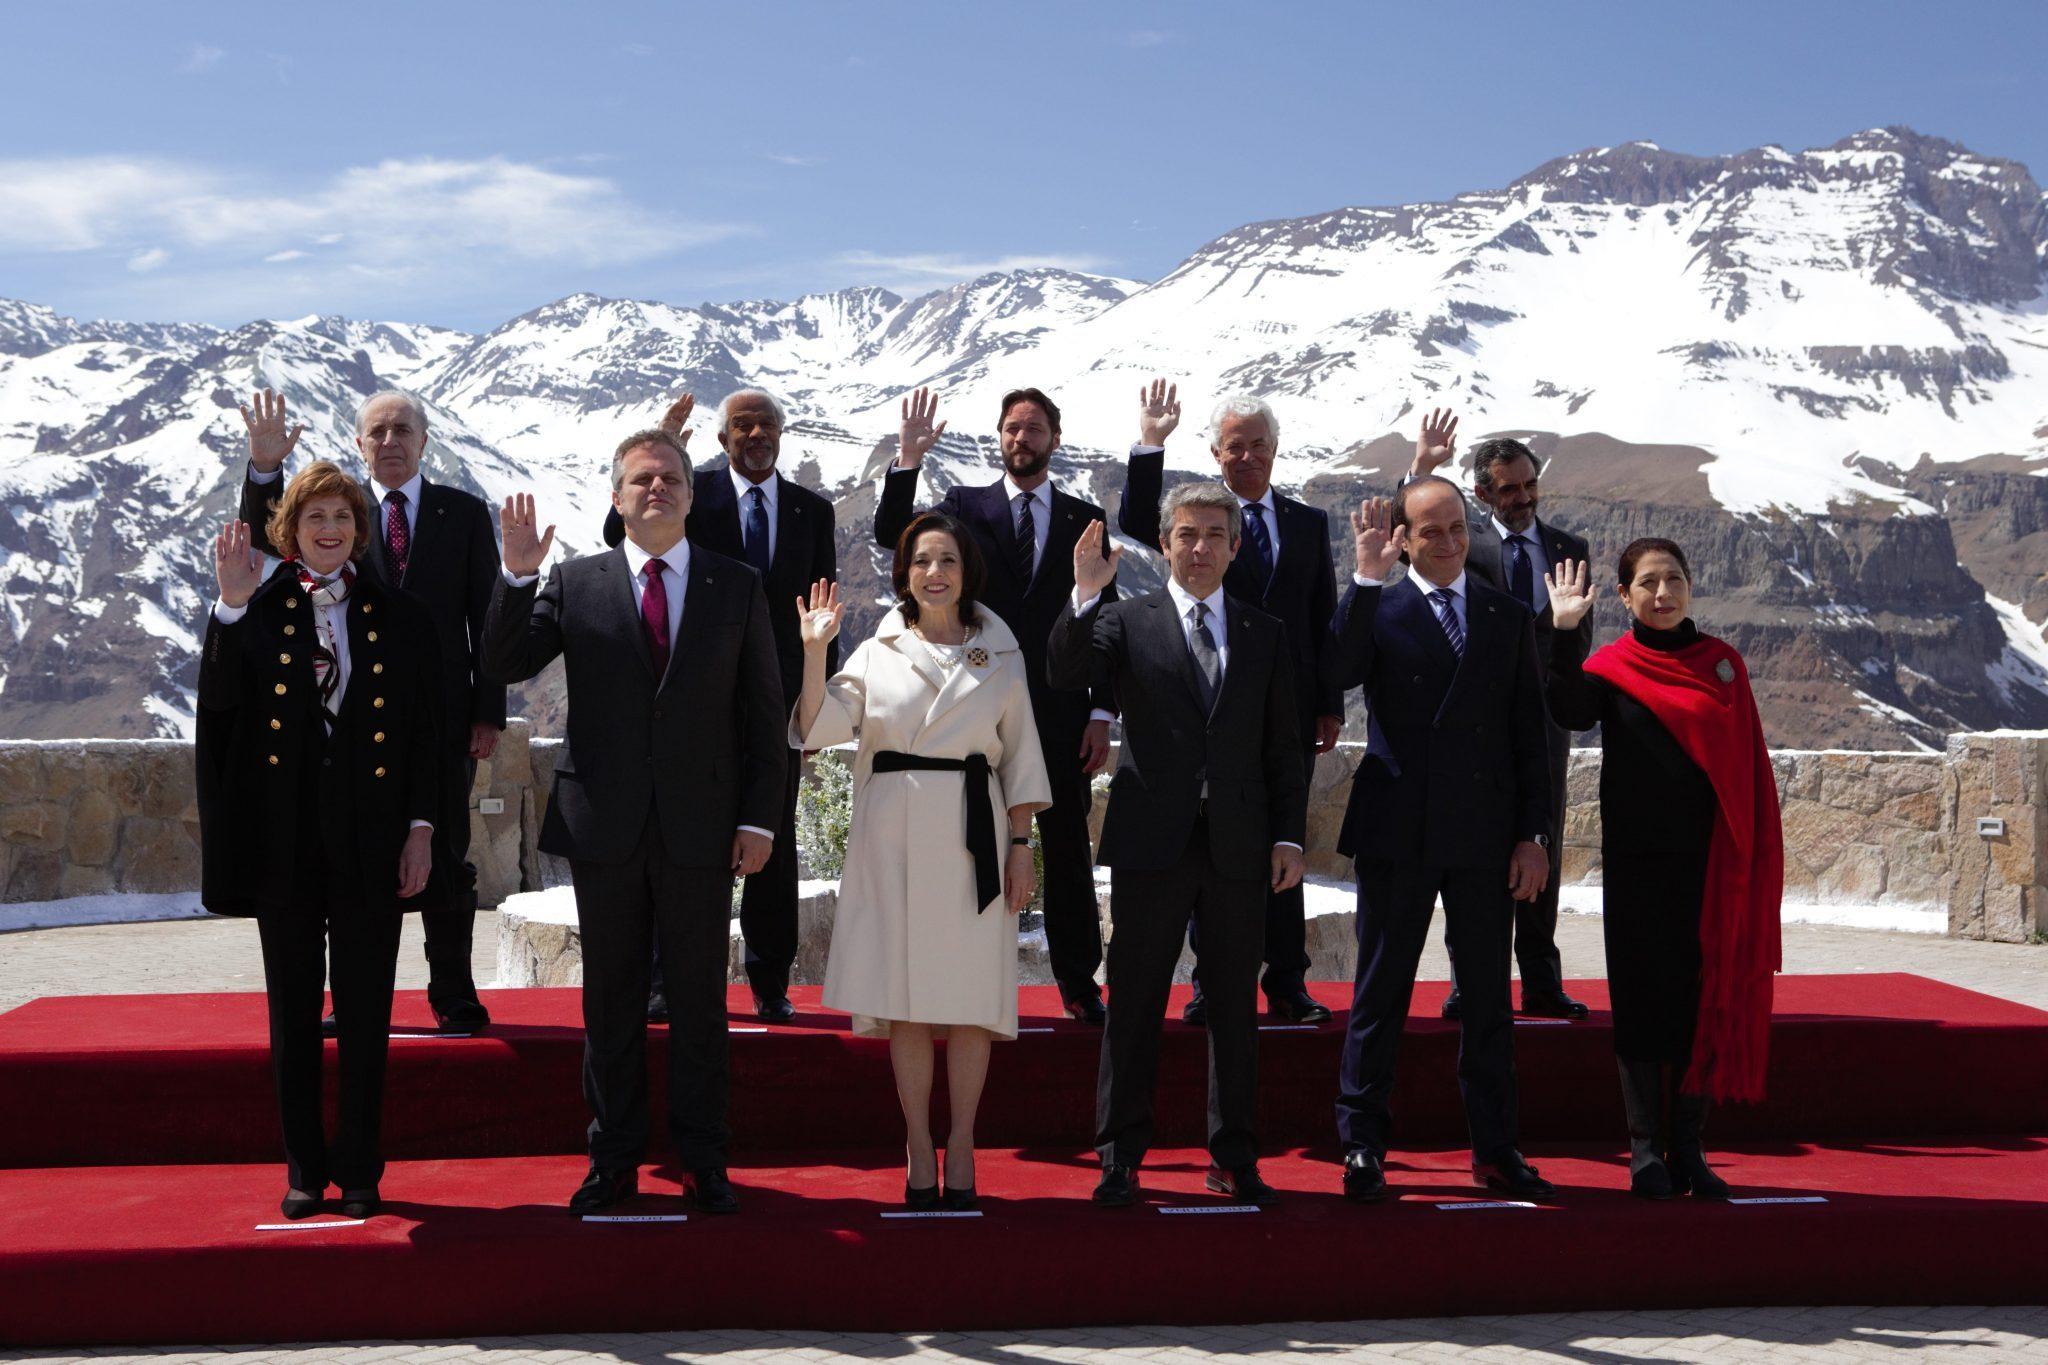 El Presidente Santiago Mitre image 3